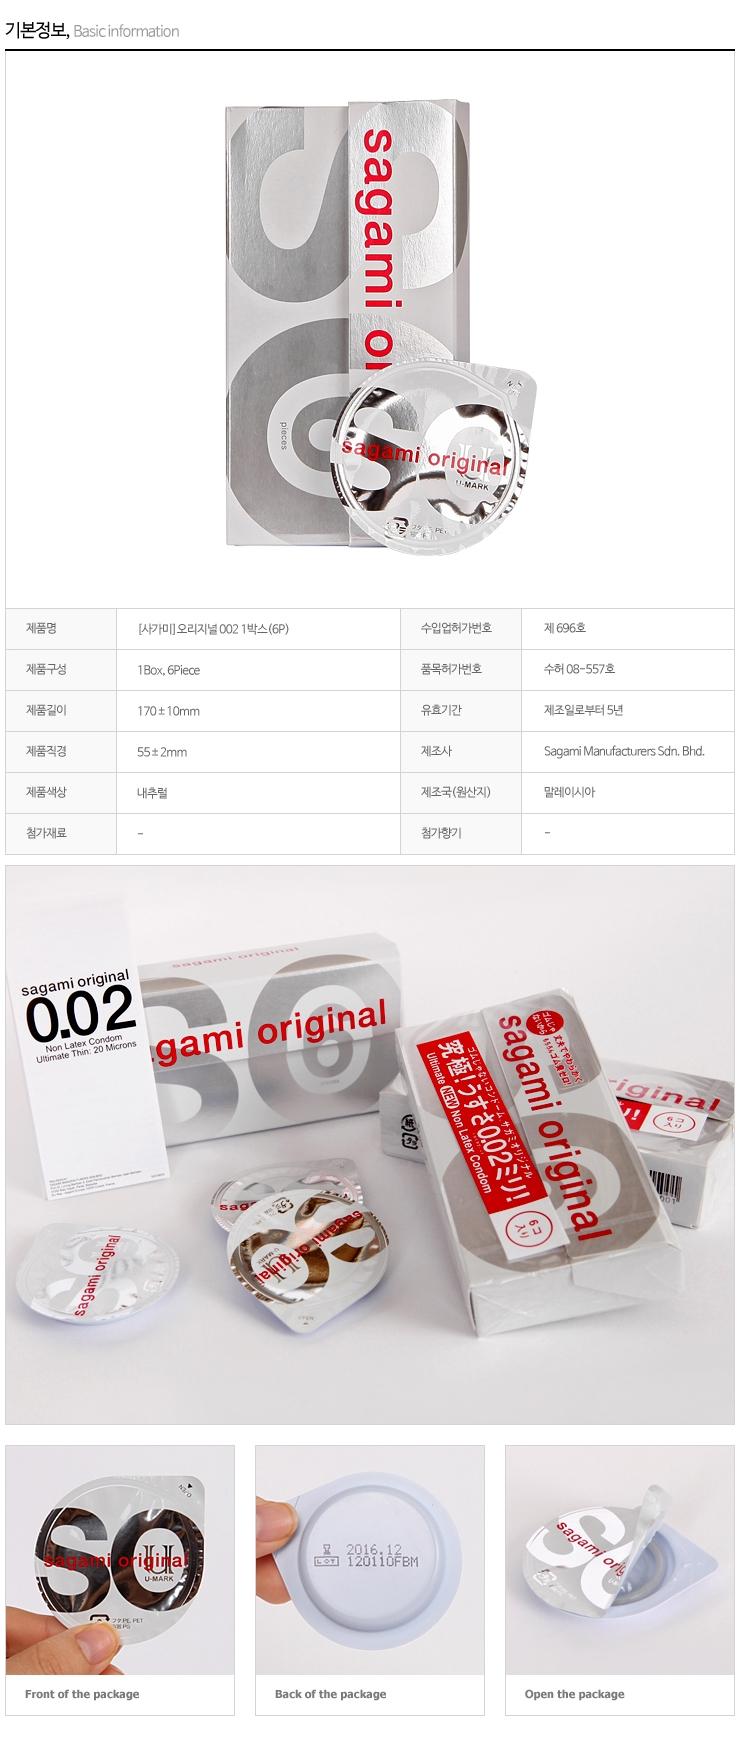 사가미 오리지널 일본 극초박형 콘돔